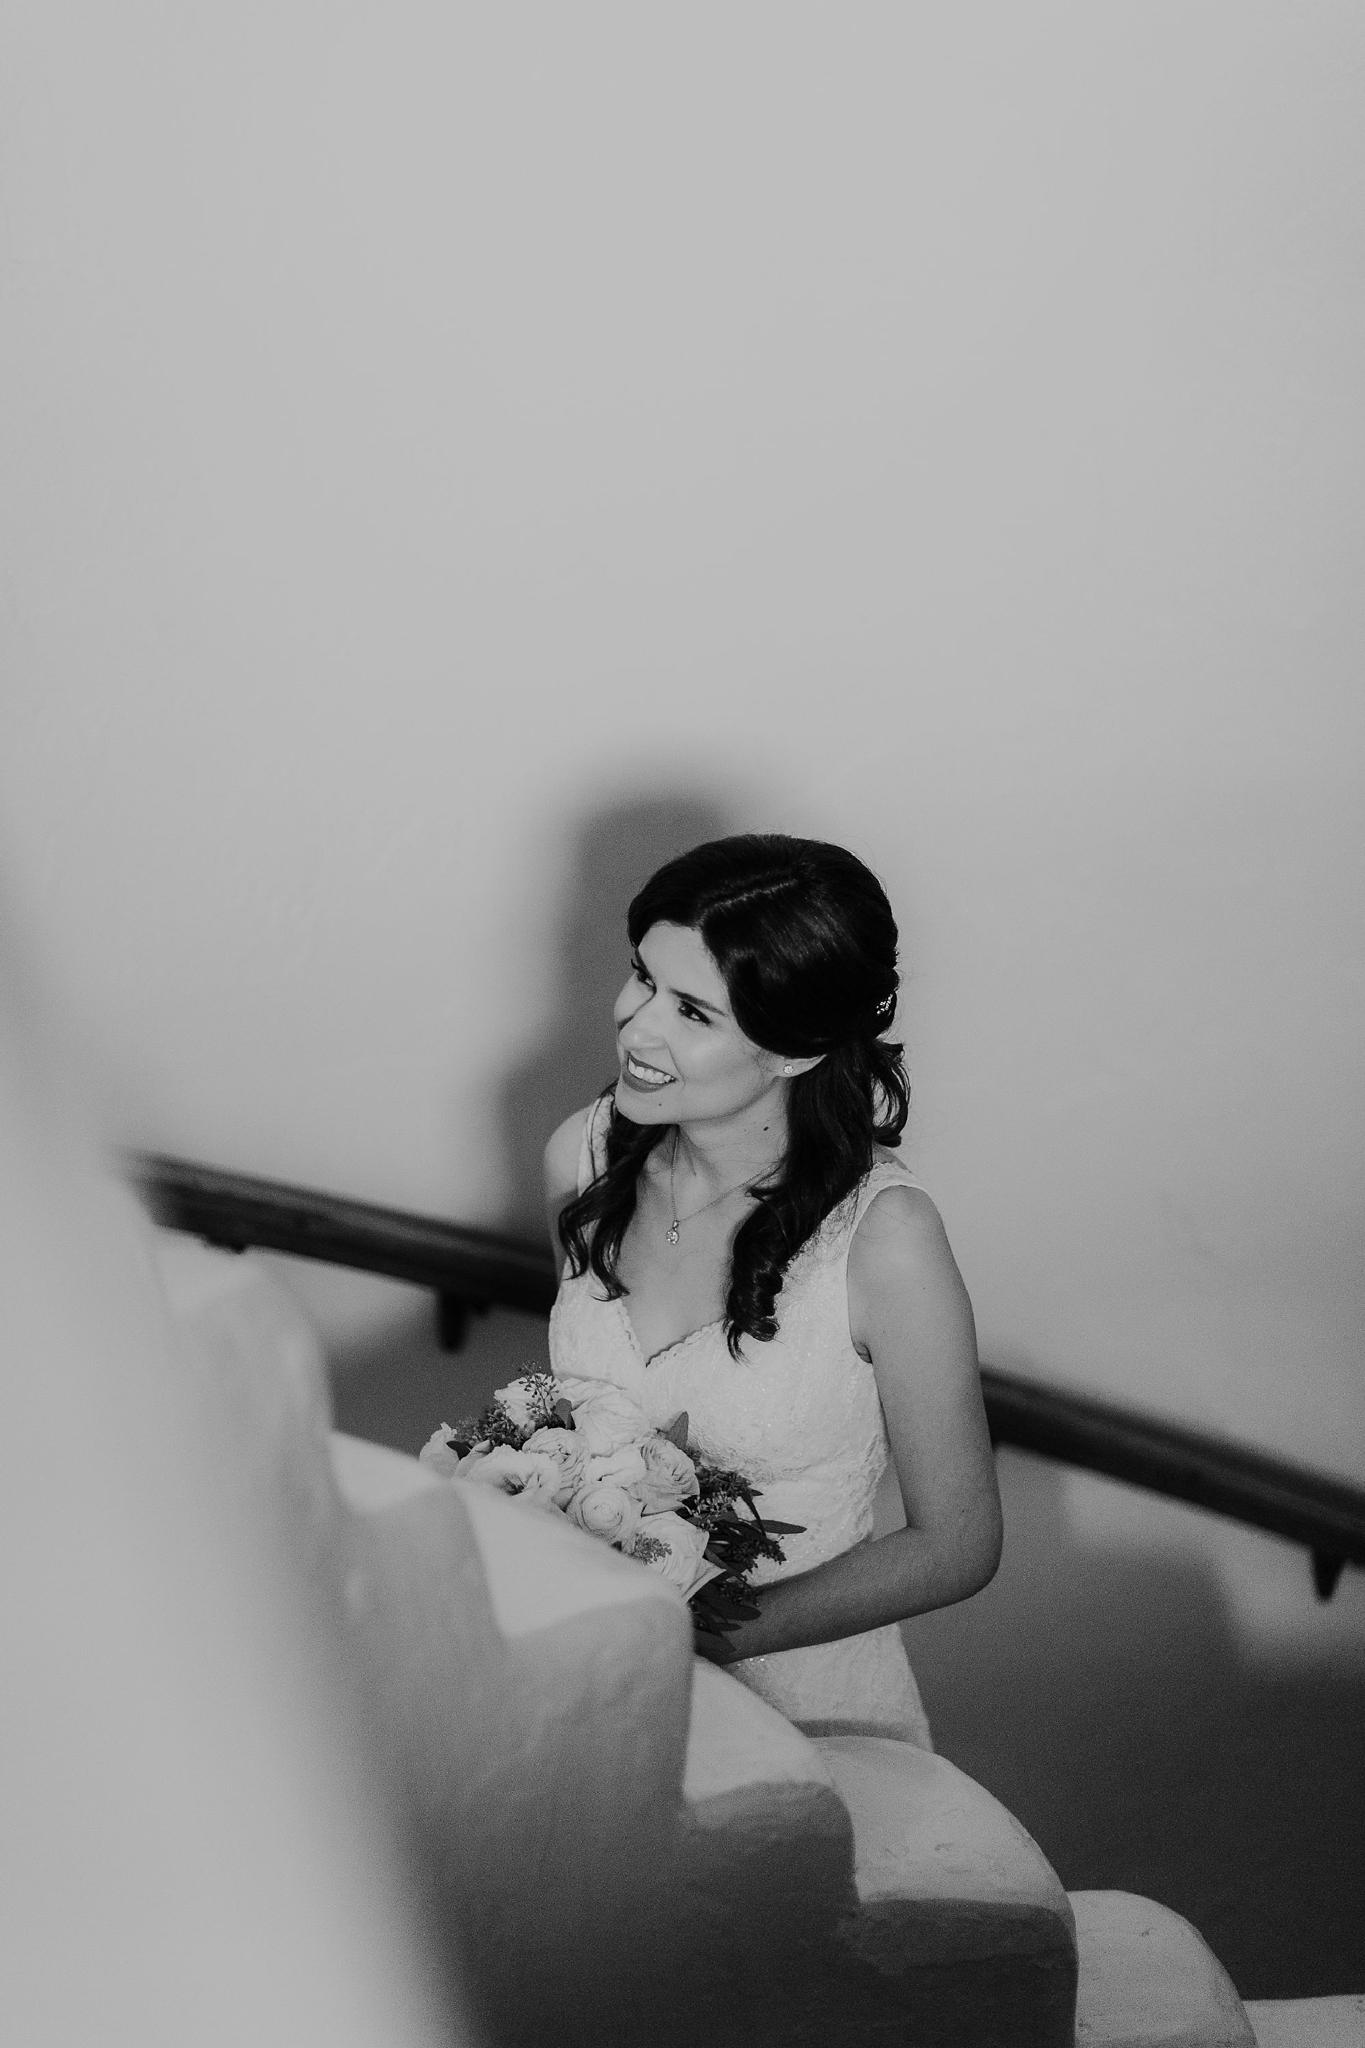 Alicia+lucia+photography+-+albuquerque+wedding+photographer+-+santa+fe+wedding+photography+-+new+mexico+wedding+photographer+-+new+mexico+wedding+-+new+mexico+wedding+-+new+mexico+mua+hairstylist+-+genica+lee+hair+makeup_0034.jpg